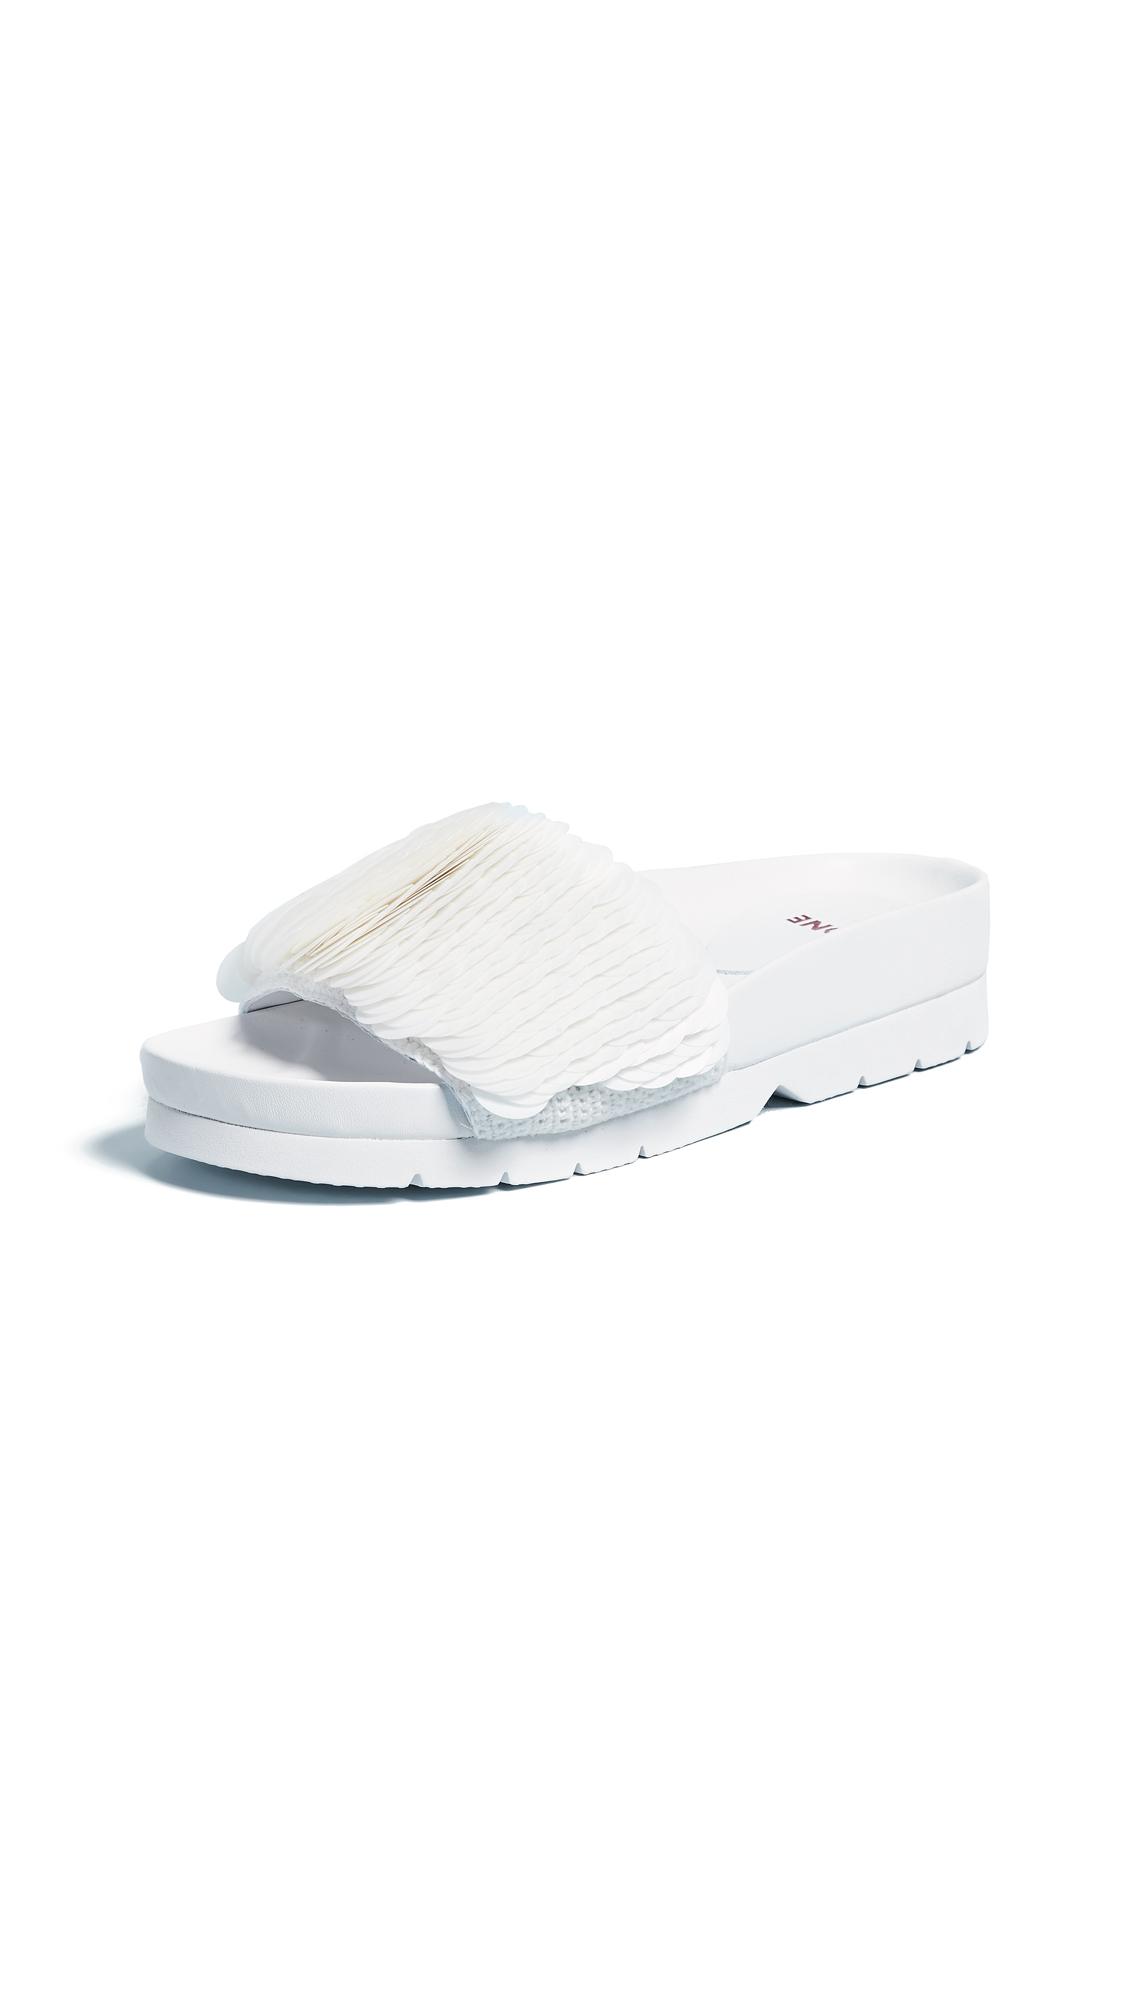 Quartz Sandals in White